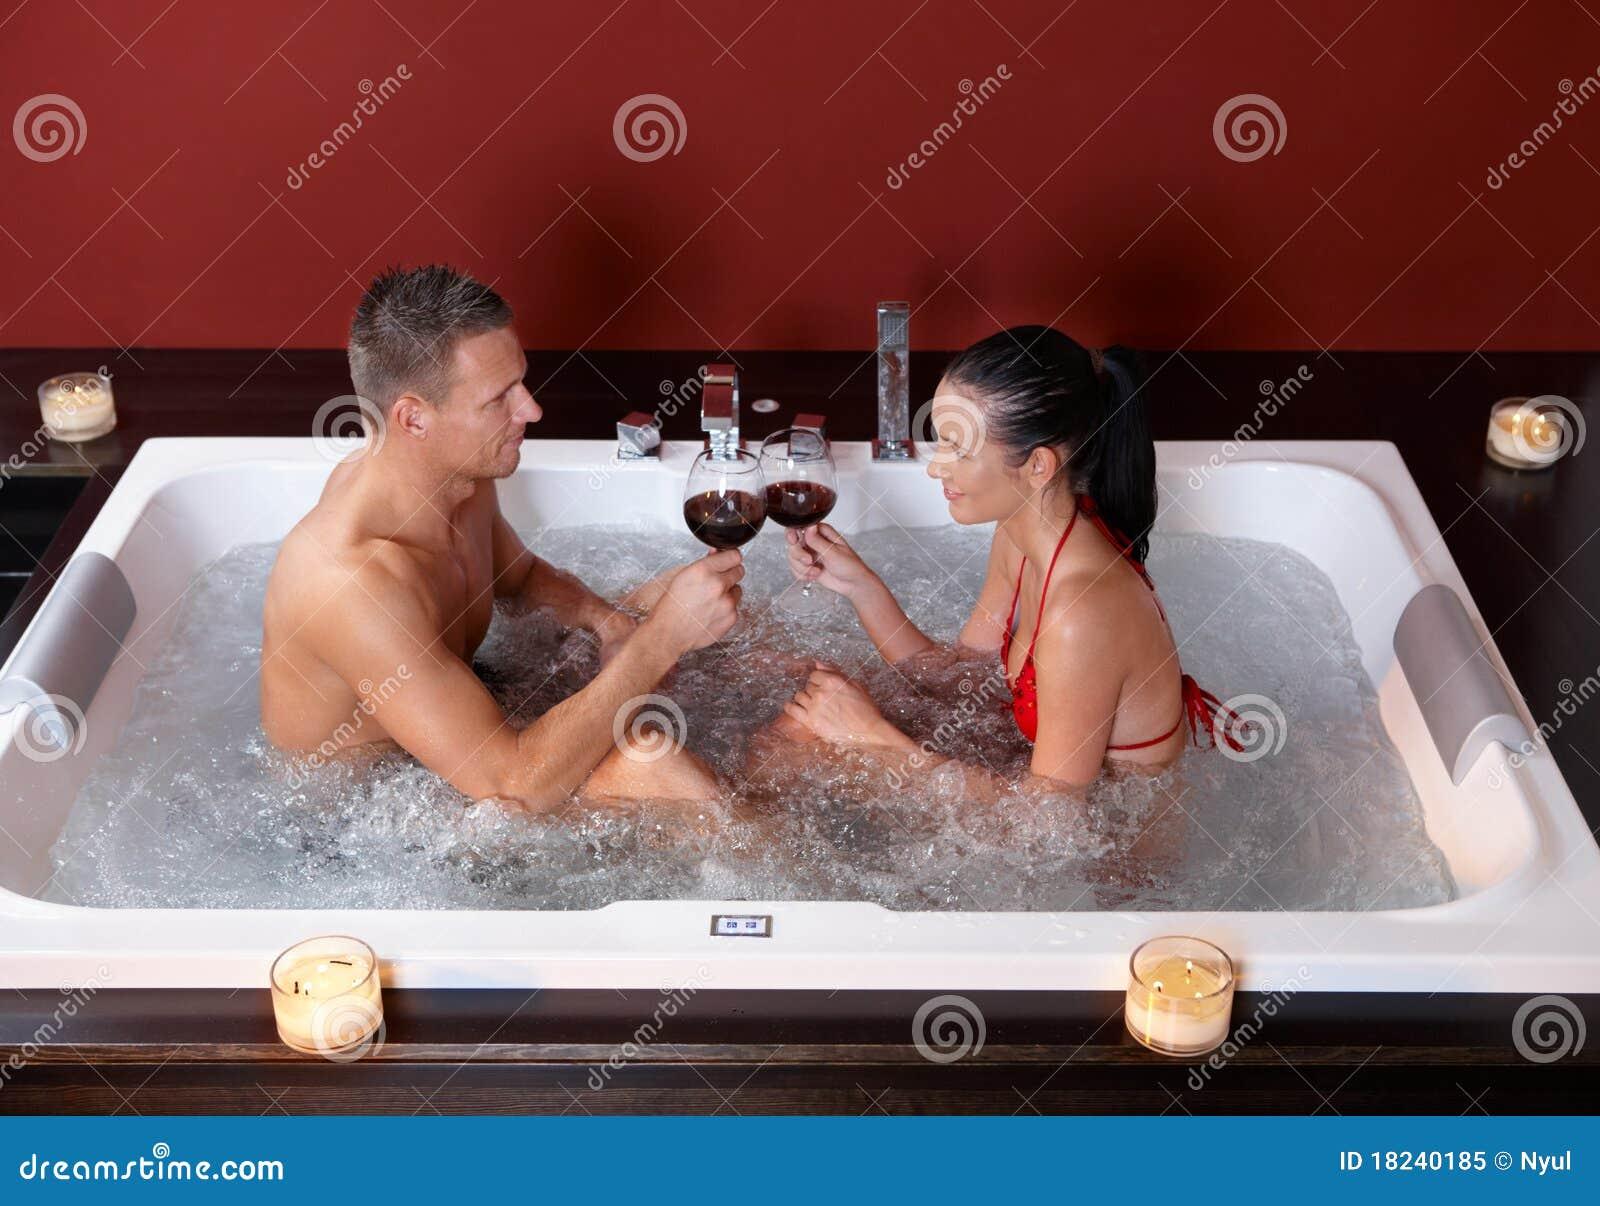 Фото двое в ванной 1 фотография